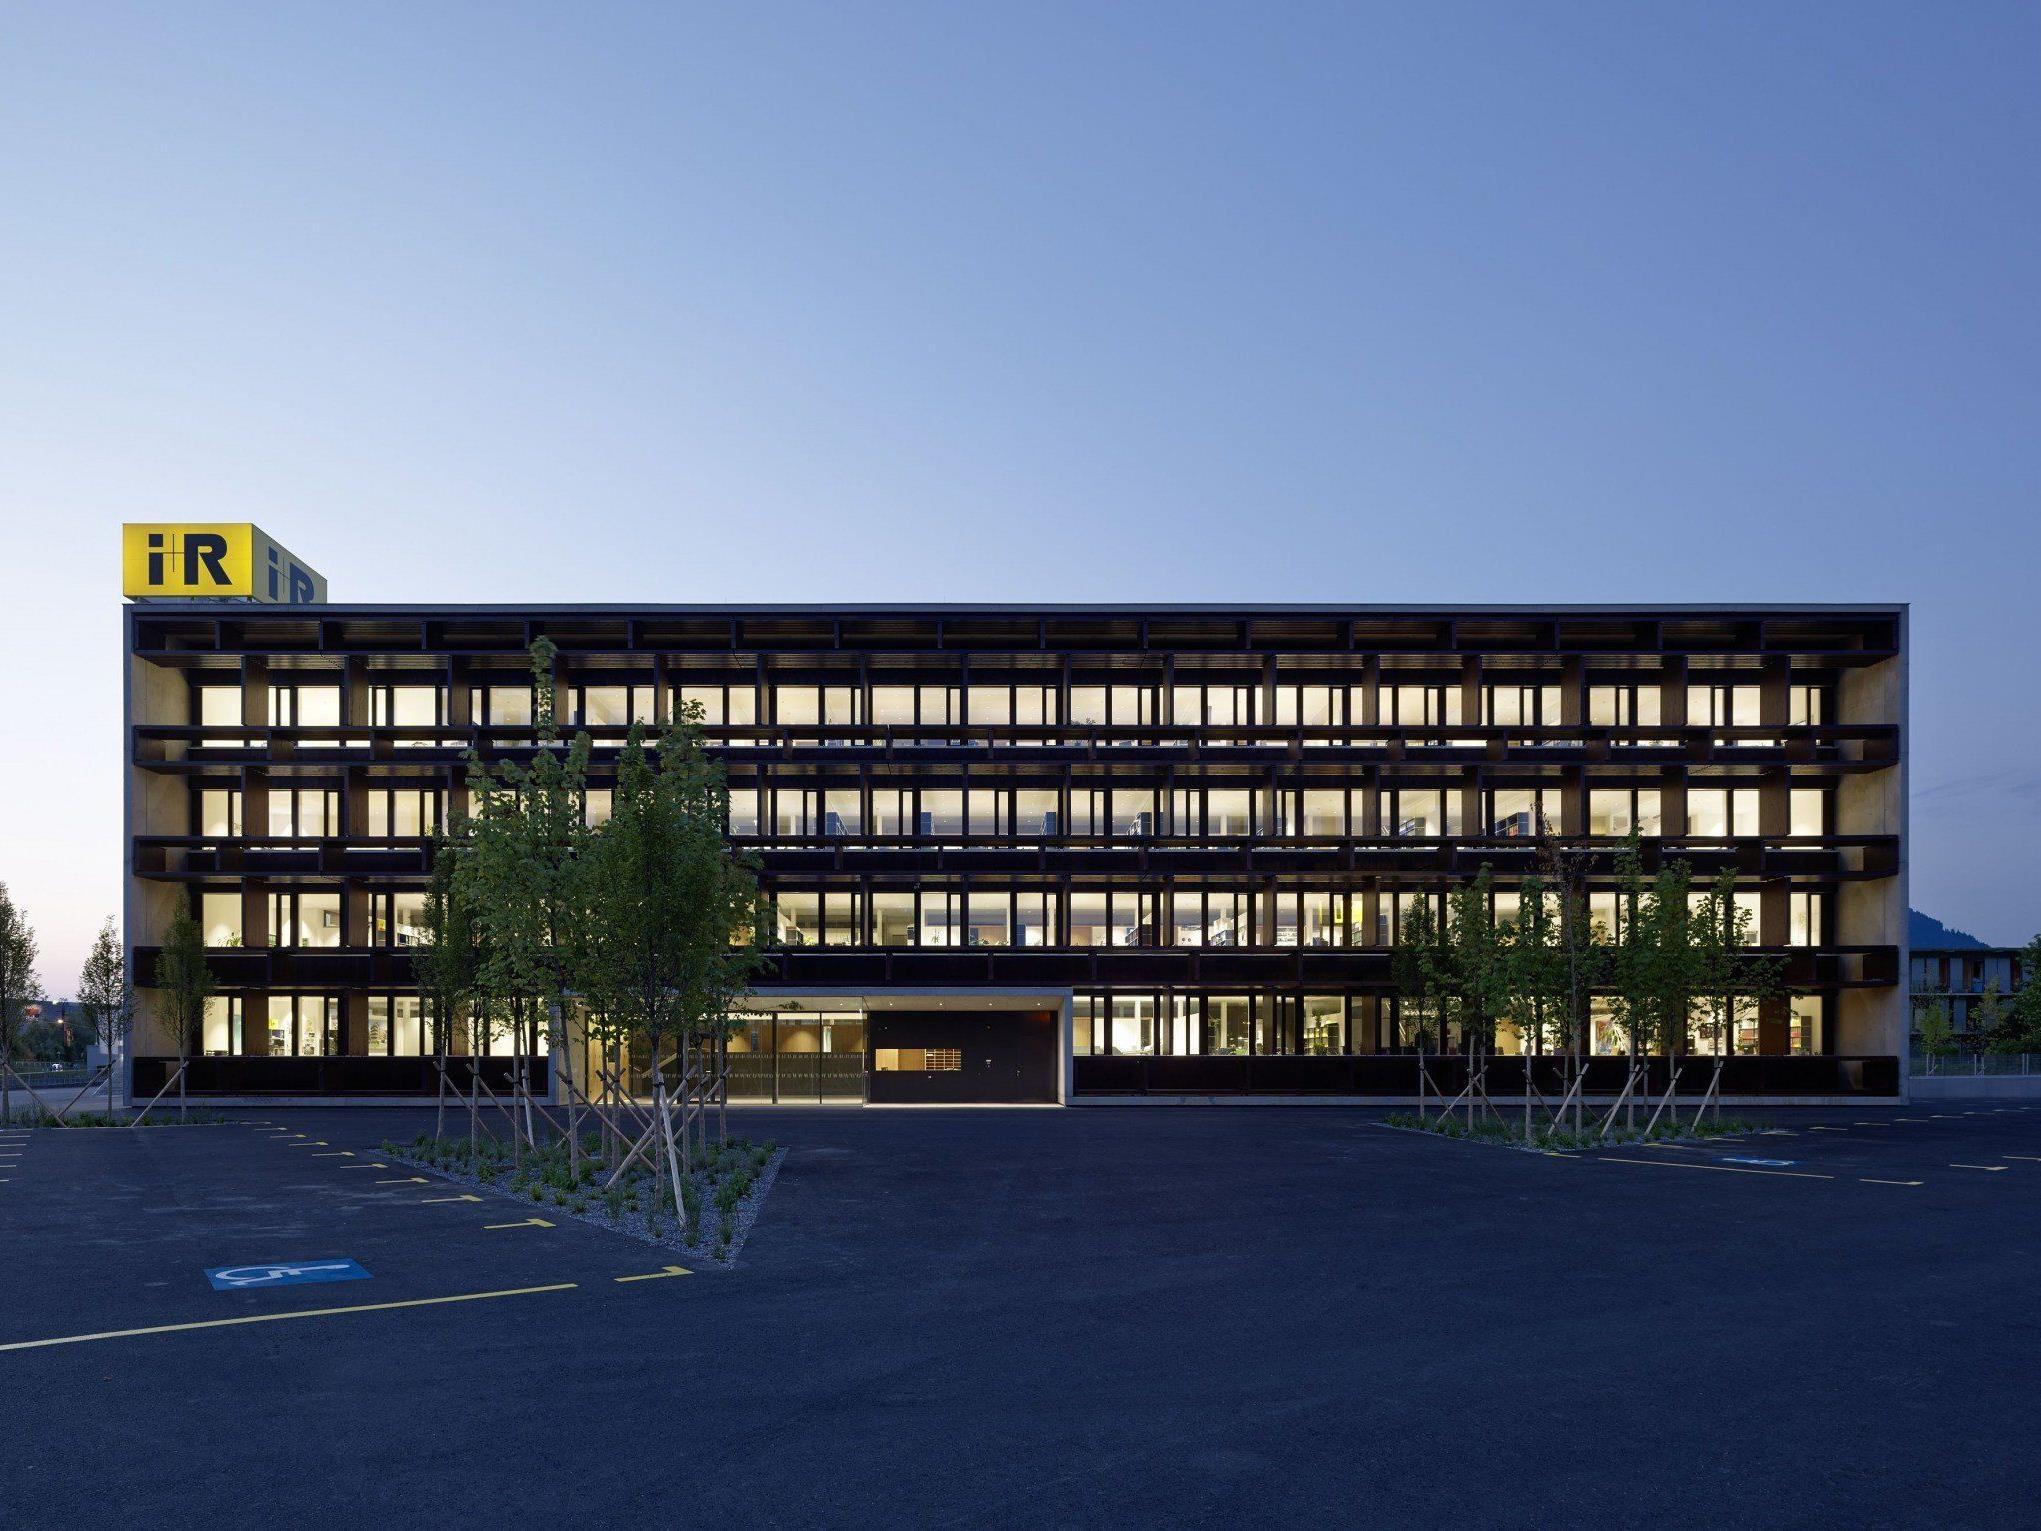 i+R Unternehmenszentrale.jpg: Vorzeigeprojekt in Sachen Nachhaltigkeit: Die neue Firmenzentrale der i+R Gruppe in Lauterach erhielt im Rahmen der internationalen LEED-Zertifizierung als erstes und einziges Bürogebäude Österreichs die höchste Auszeichnung in Platin.